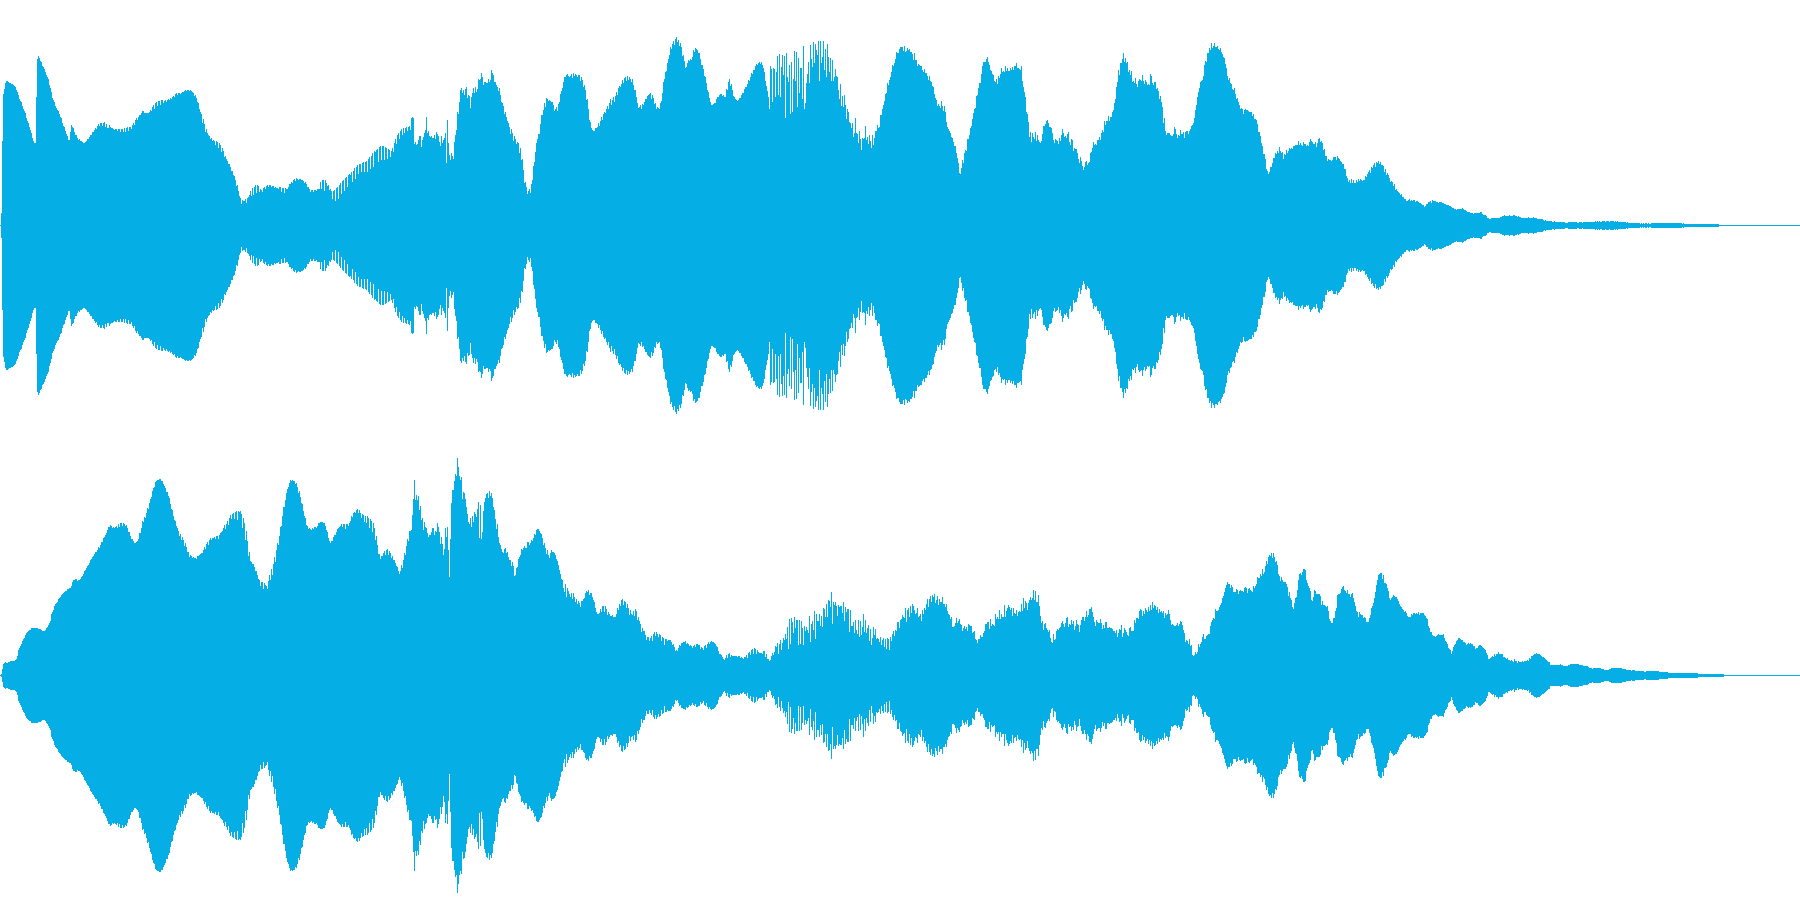 5秒CM、セール、イベント告知、場面転換の再生済みの波形